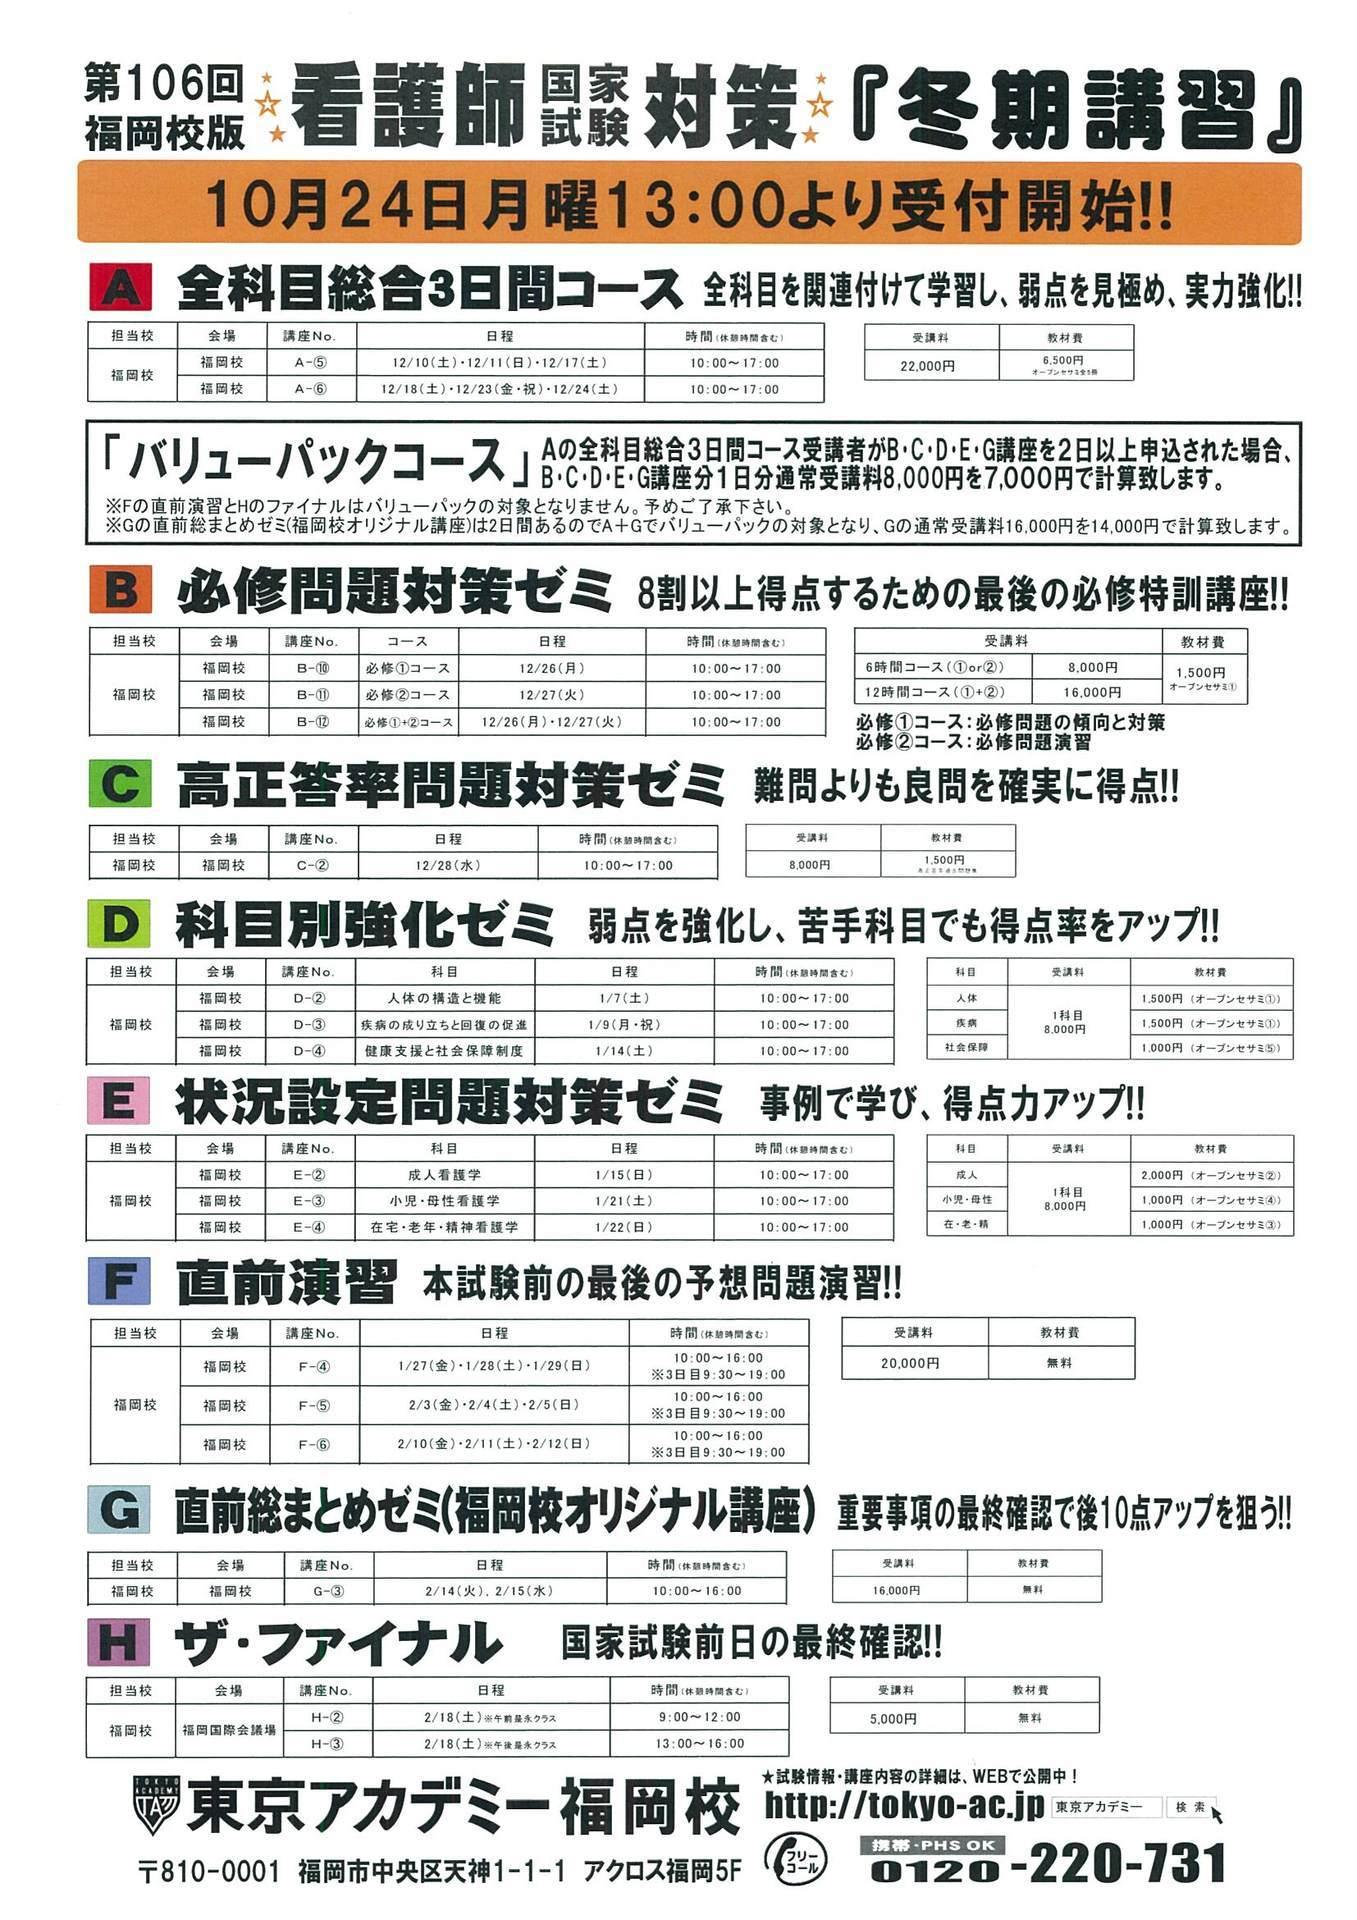 アカデミー 看護 師 試験 東京 国家 東京アカデミーの参考書・問題集